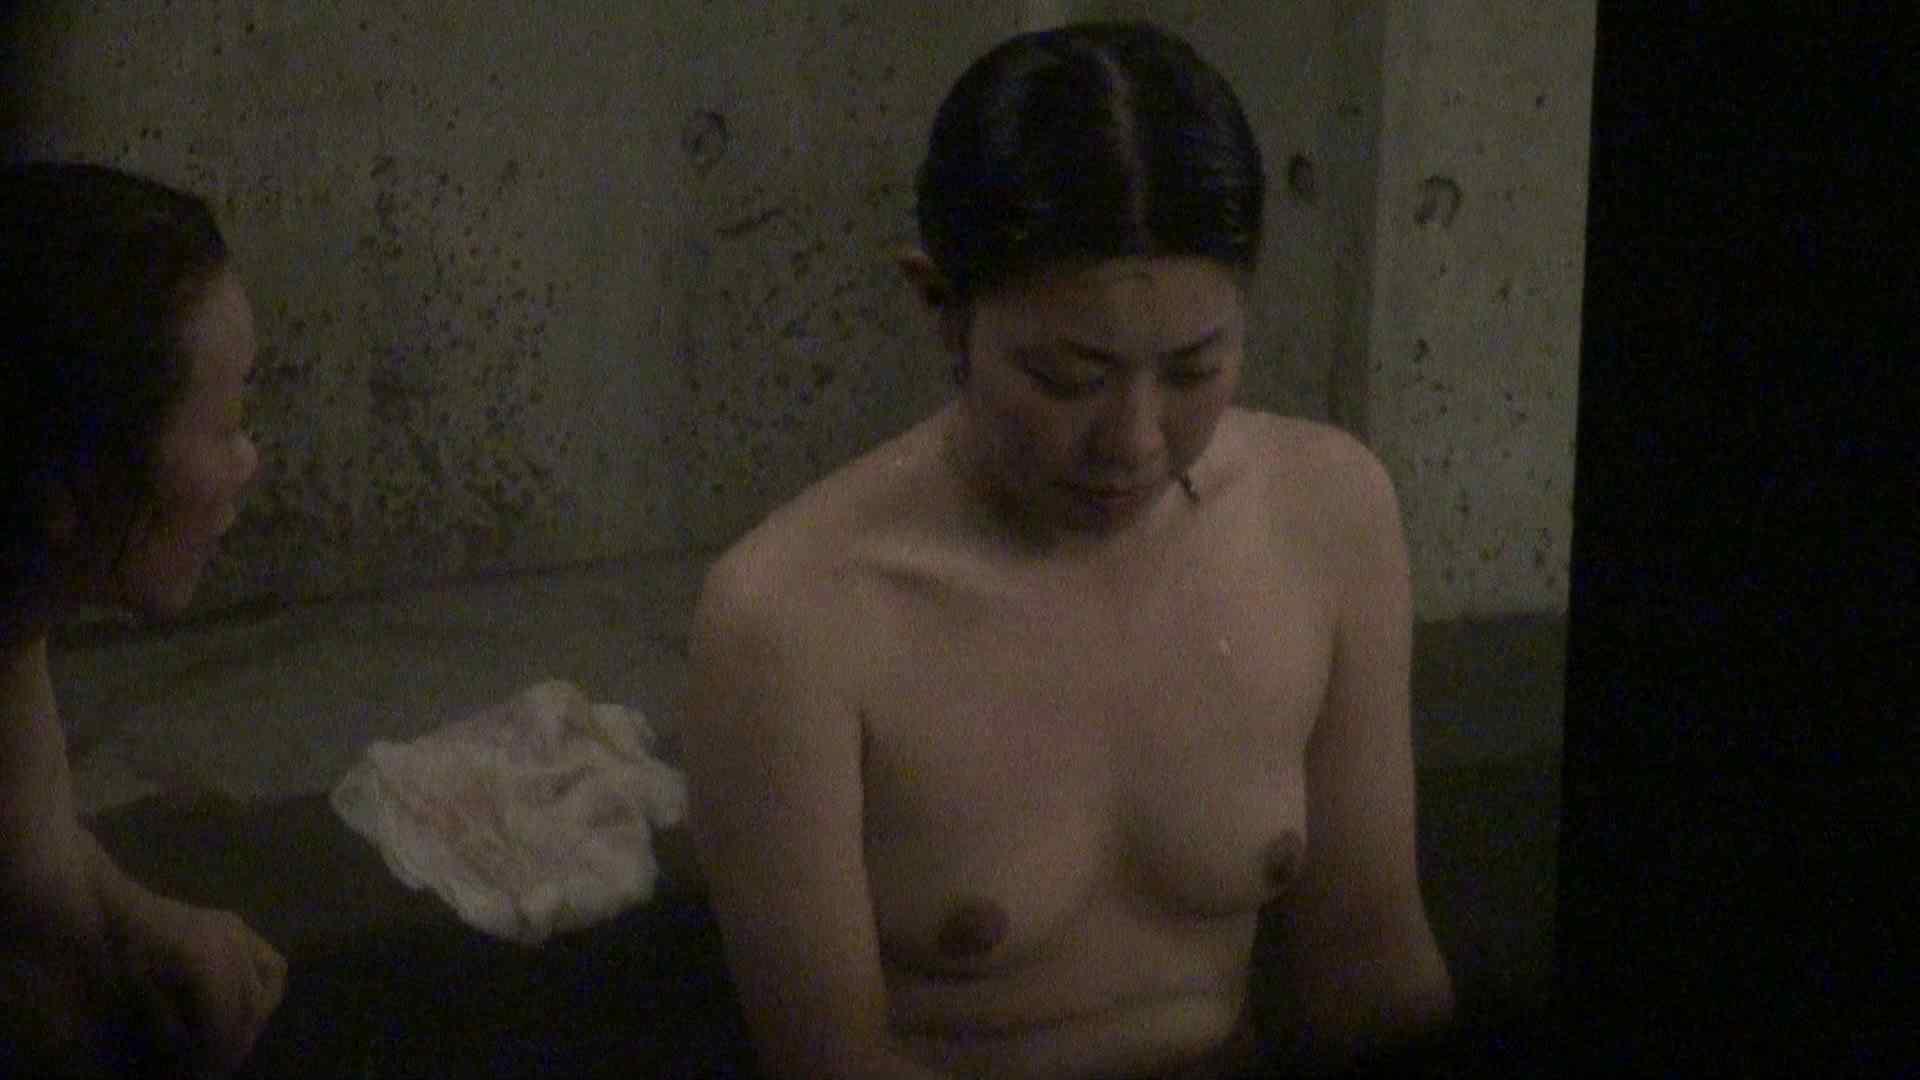 Aquaな露天風呂Vol.330 OLのエロ生活  101連発 21